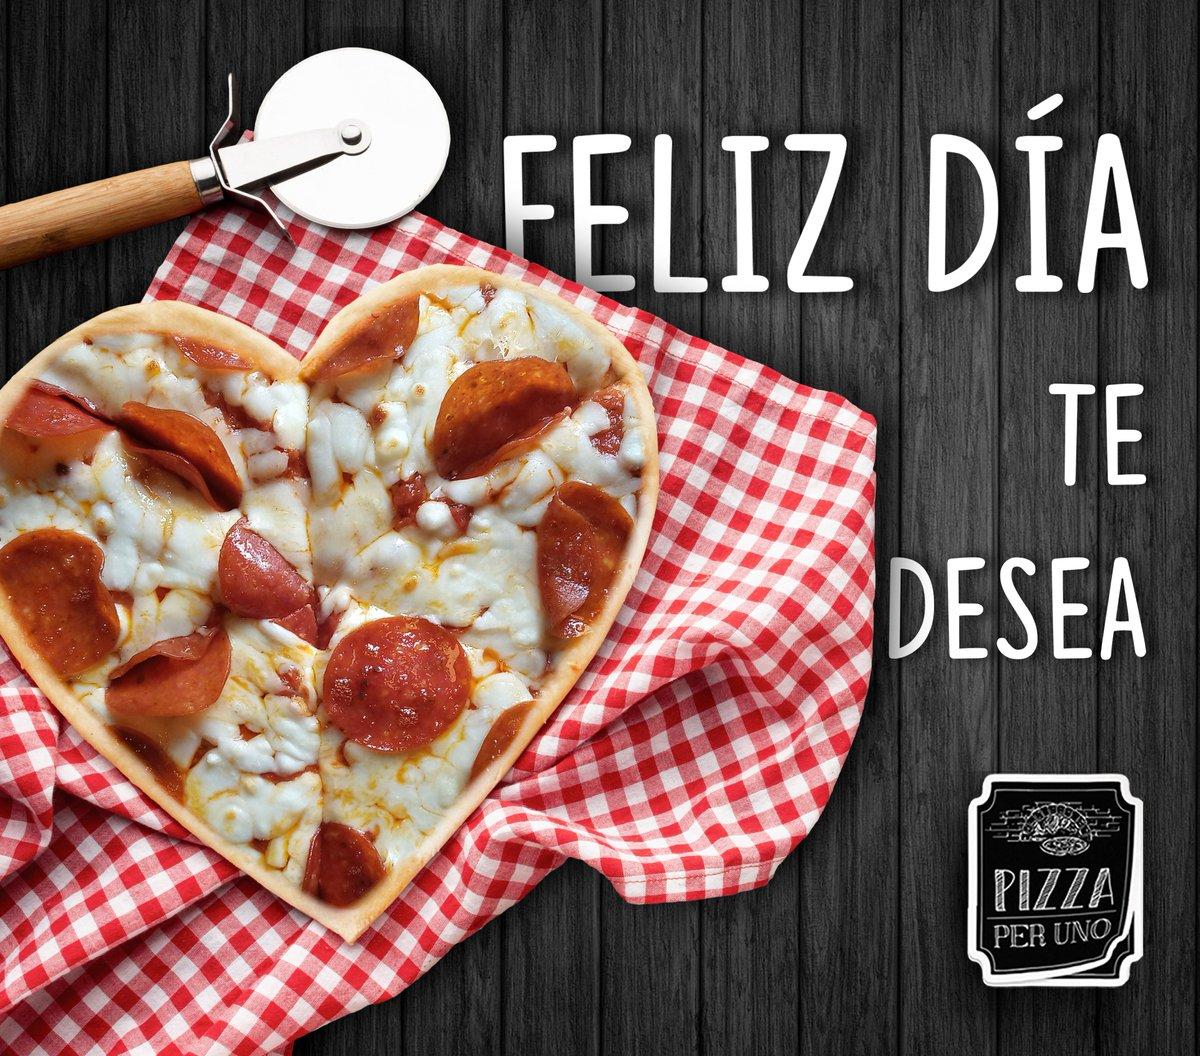 ¡Ven a enamorarte!... pero de nuestro, delicioso, menú! ¡Feliz día!  Te esperamos, toda la semana, en #AvToluca1130.   #ValentinesDay #14DeFebrero #DiaDelAmorYLaAmistad #DescubreTuSabor #Pizzeria #Mexico #CDMX #CucinaItaliana #PizzaPerUno #Venerdi #ZonaSur #DondeComer #UberEats